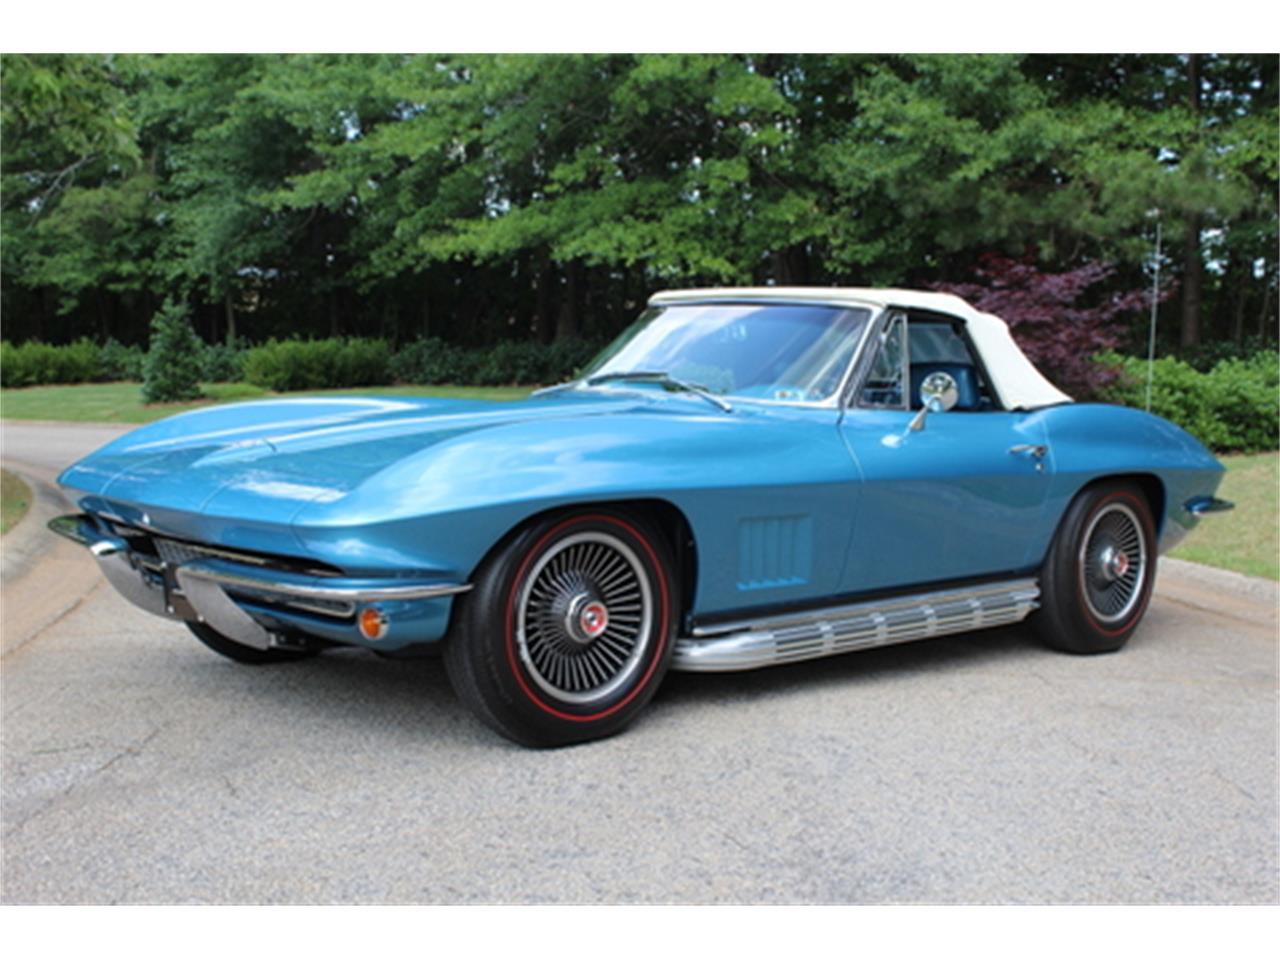 Large Picture of '67 Chevrolet Corvette - $110,000.00 - Q5DT